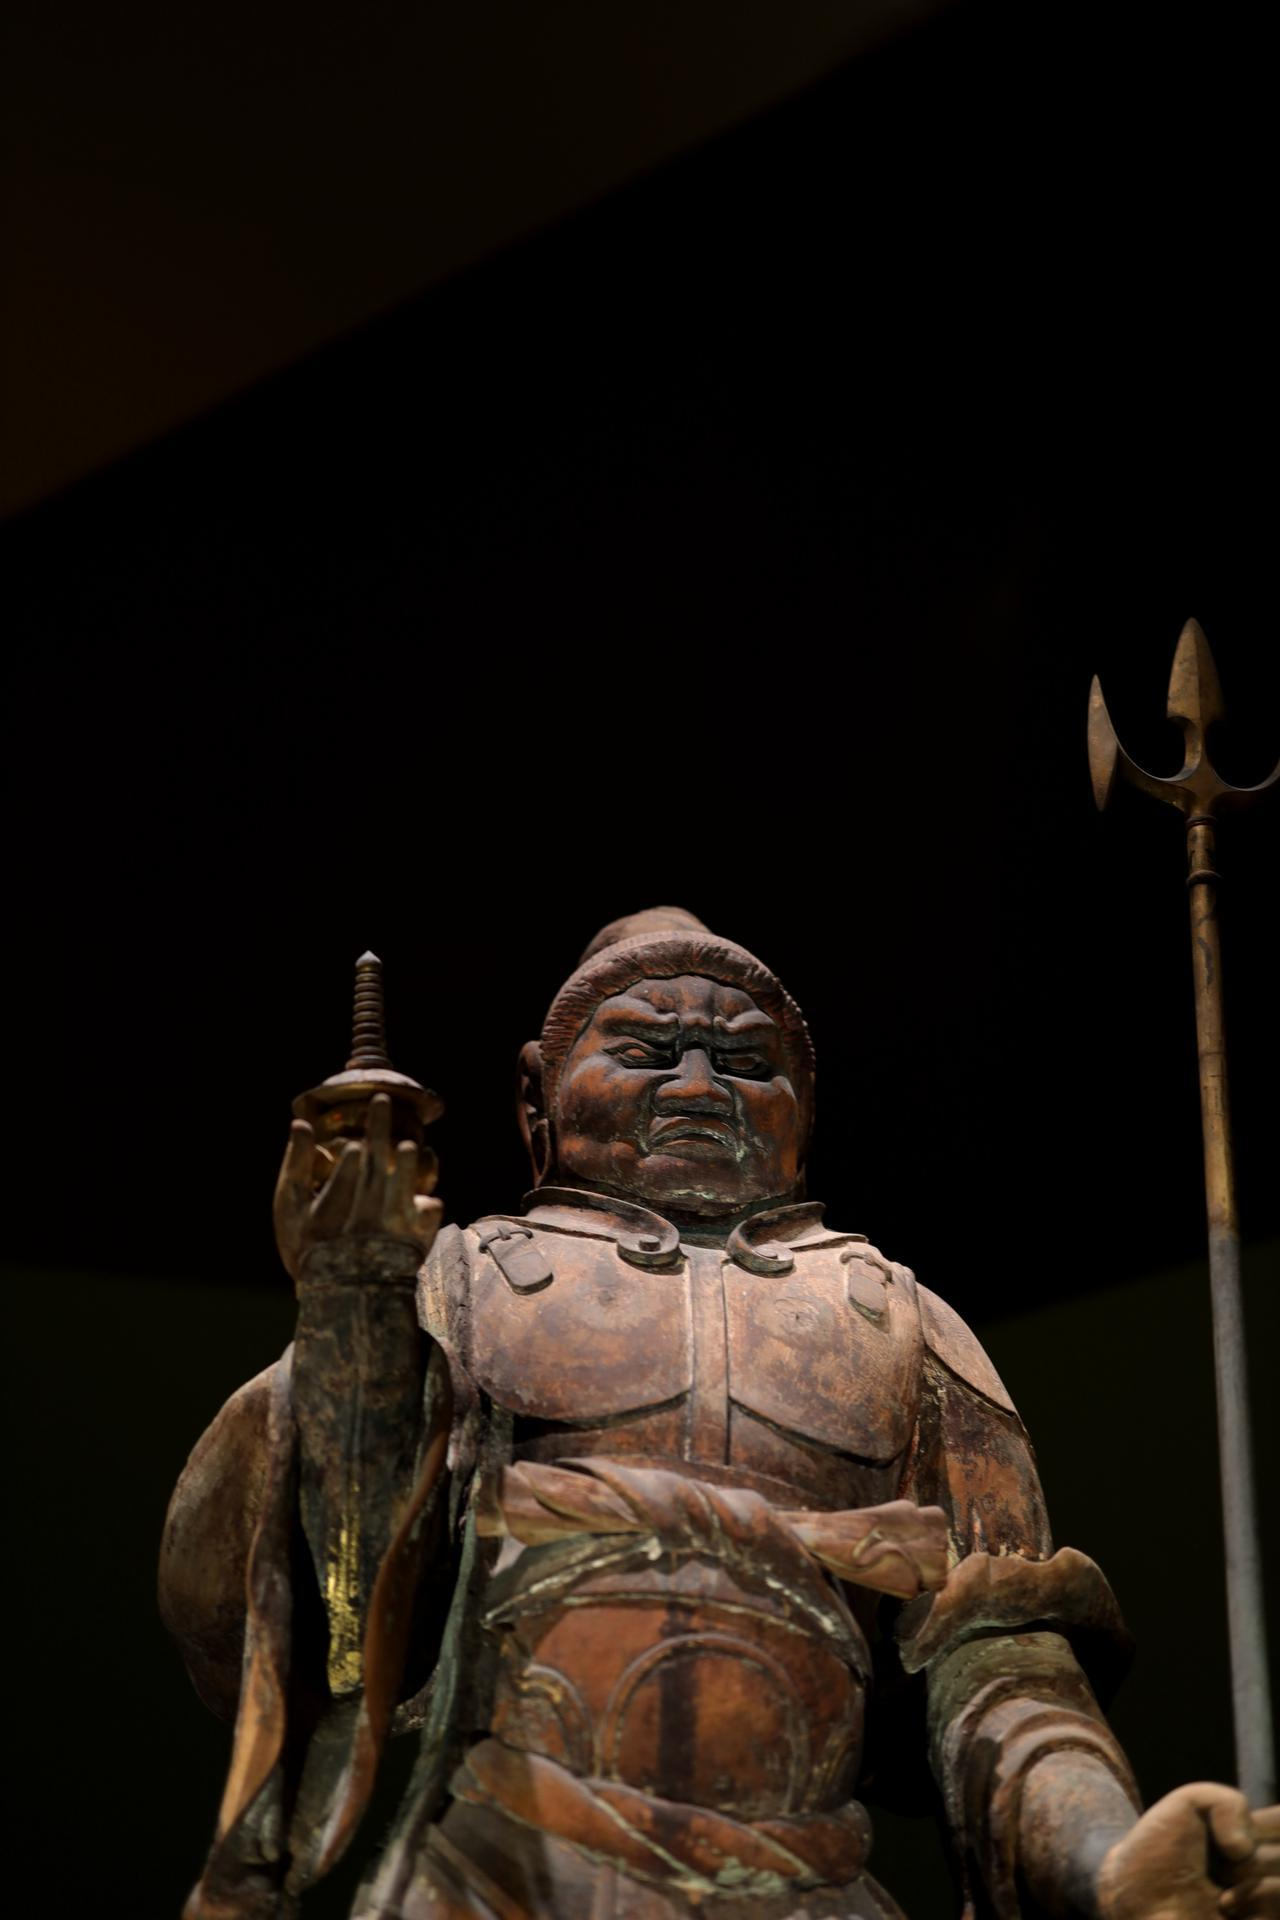 画像: 多聞天立像 唐招提寺金堂四天王のうち 奈良時代8世紀 奈良・唐招提寺 国宝 大きな袖が保護になったのか、前腕とくに肘に本来の金と彩色がよく残っている。多聞天は四天王から独立した単体で「毘沙門天」としても信仰を集めた